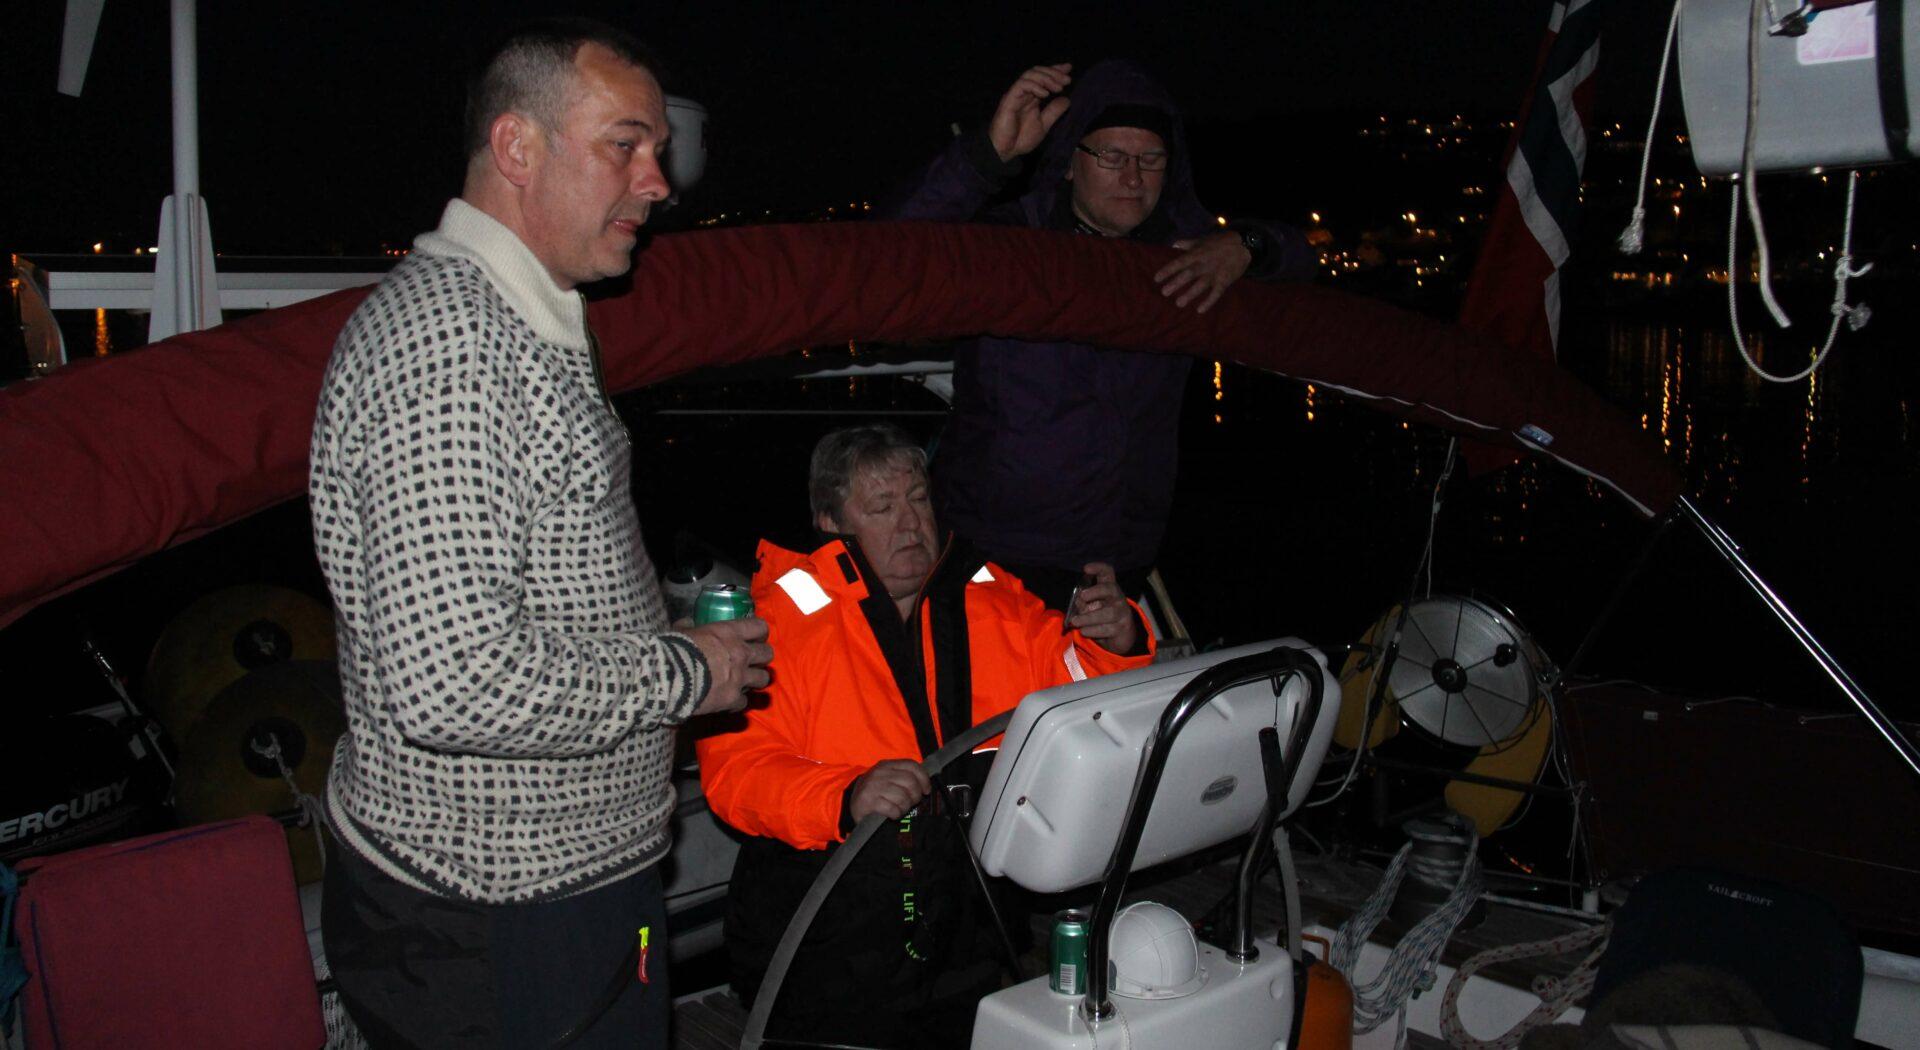 002 Per-Øivin, Thore og Johan, avreise fra Stavanger